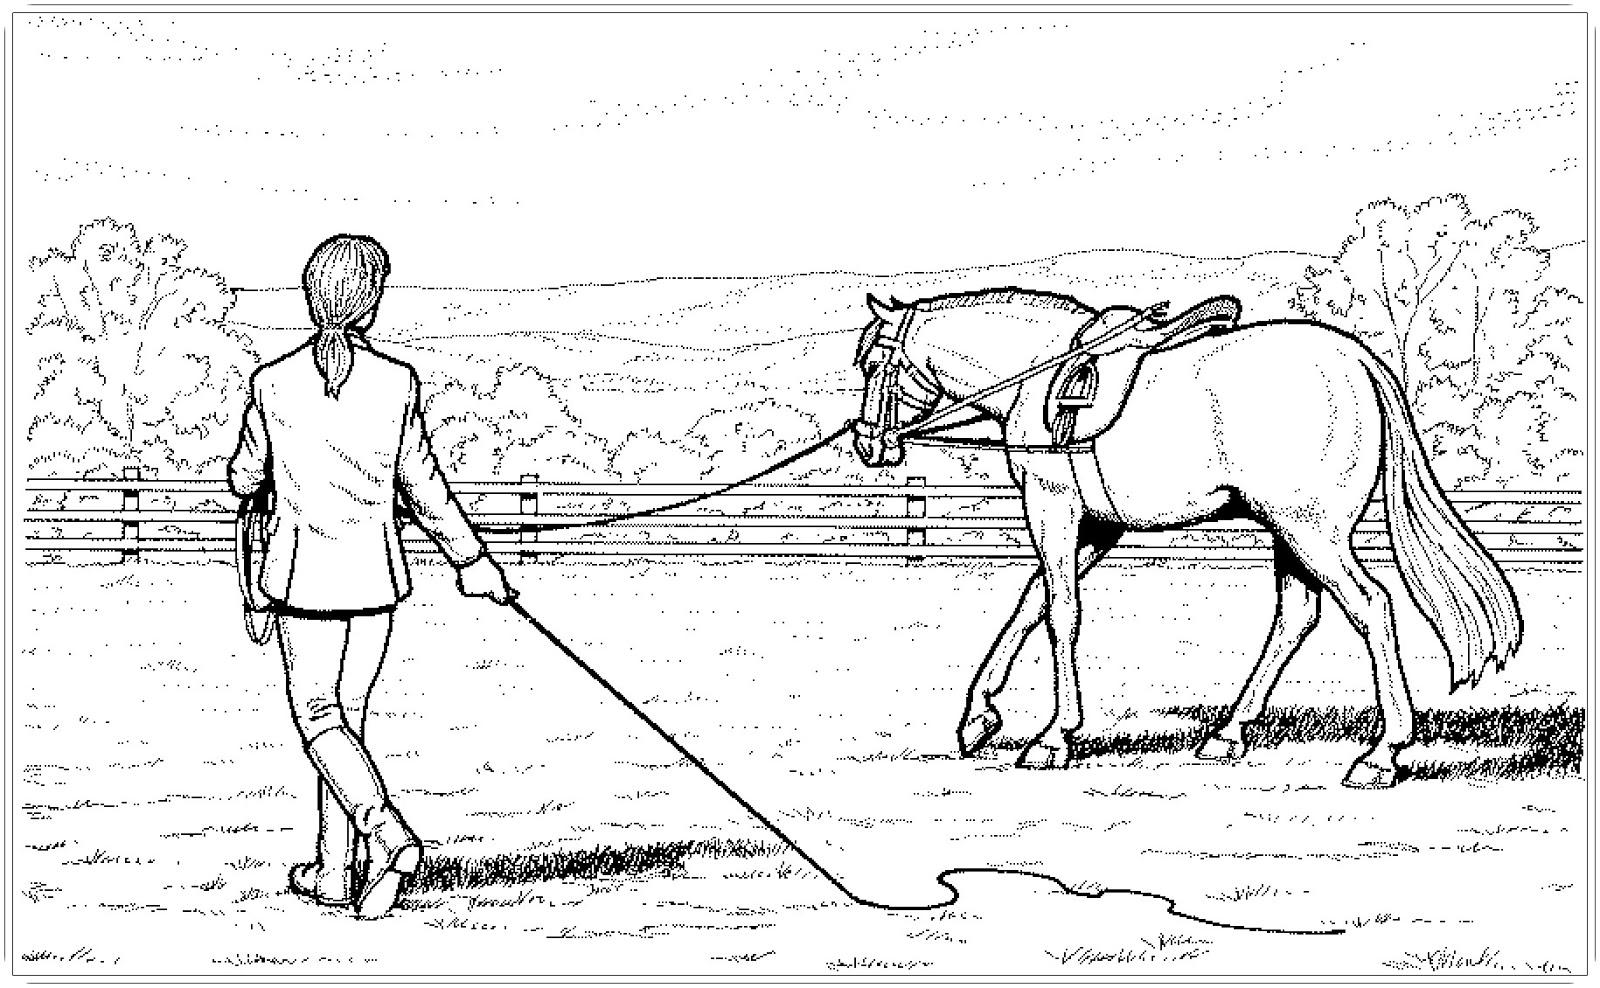 Ausmalbilder zum ausdrucken ausmalbilder pferde mit reiter ausmalbilder pferde mit reiter malvorlagen zum ausdrucken kostenlos altavistaventures Image collections